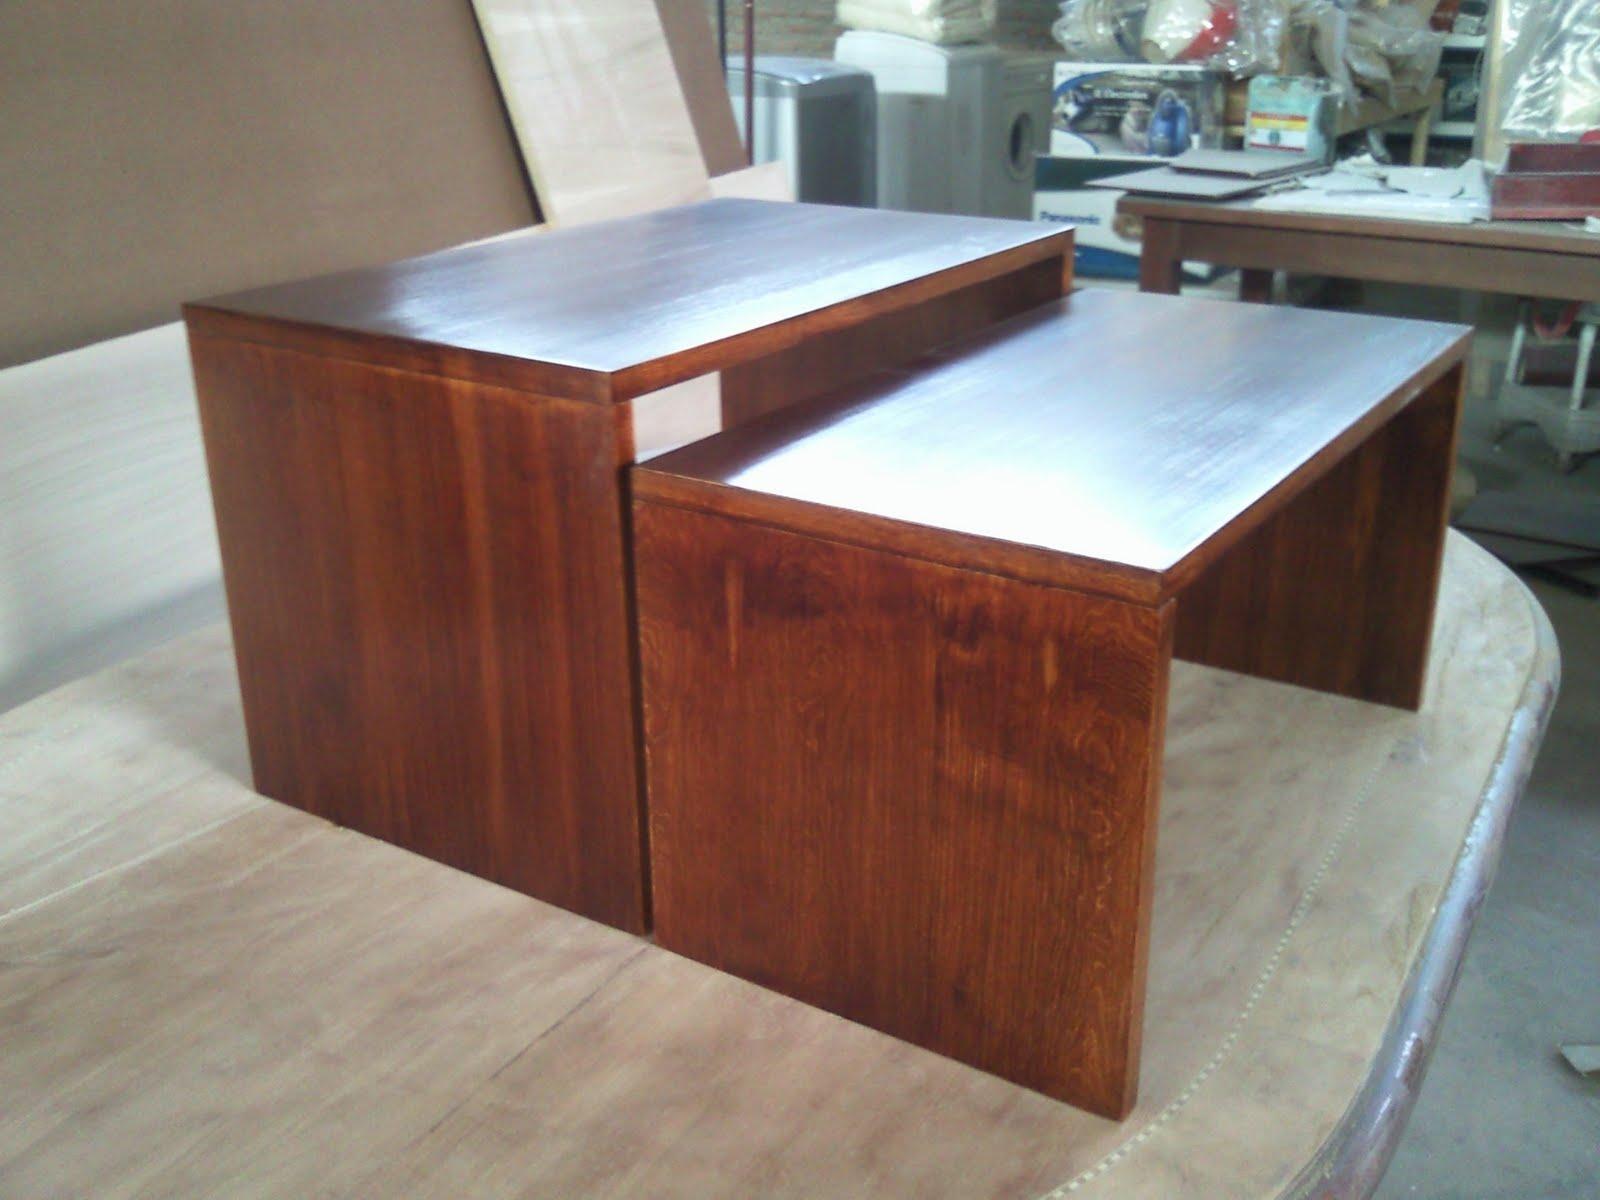 Mesas bajas muebles sanchez for Muebles sanchez